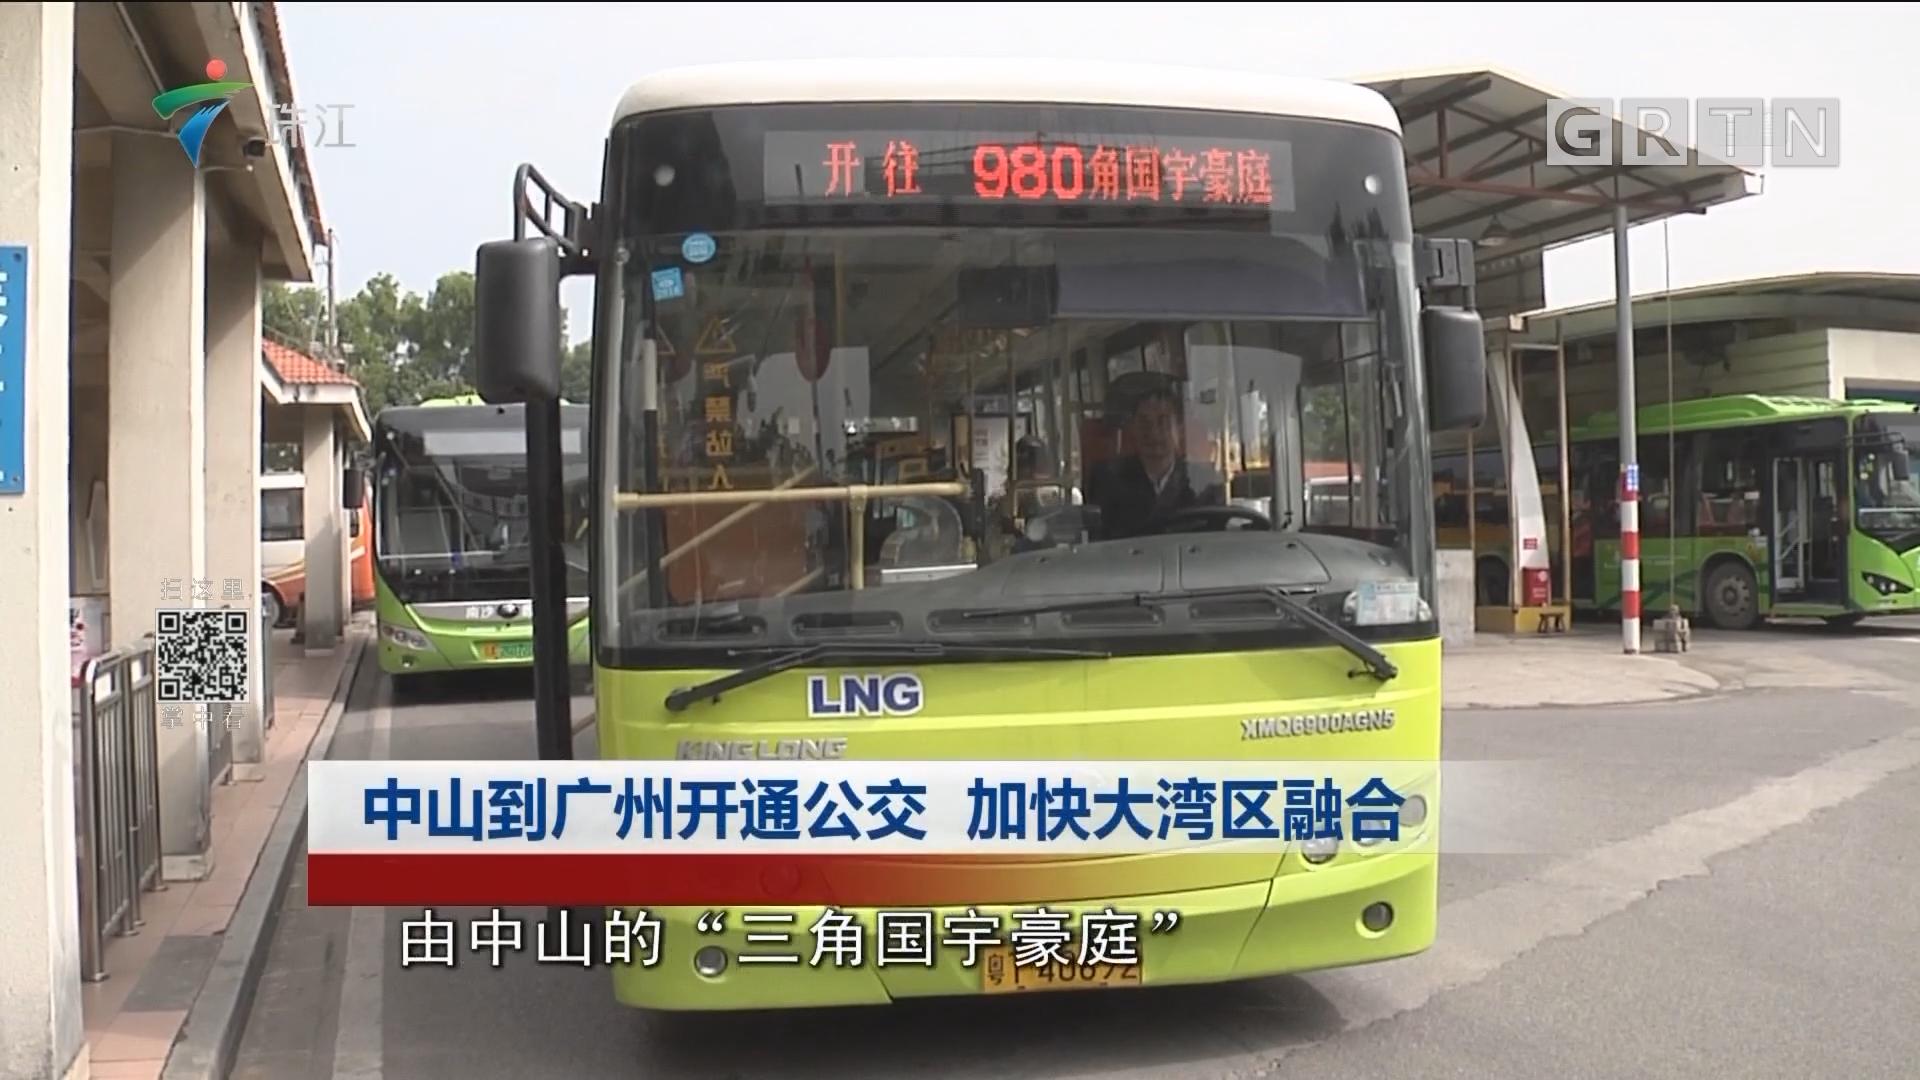 中山到广州开通公交 加快大湾区融合